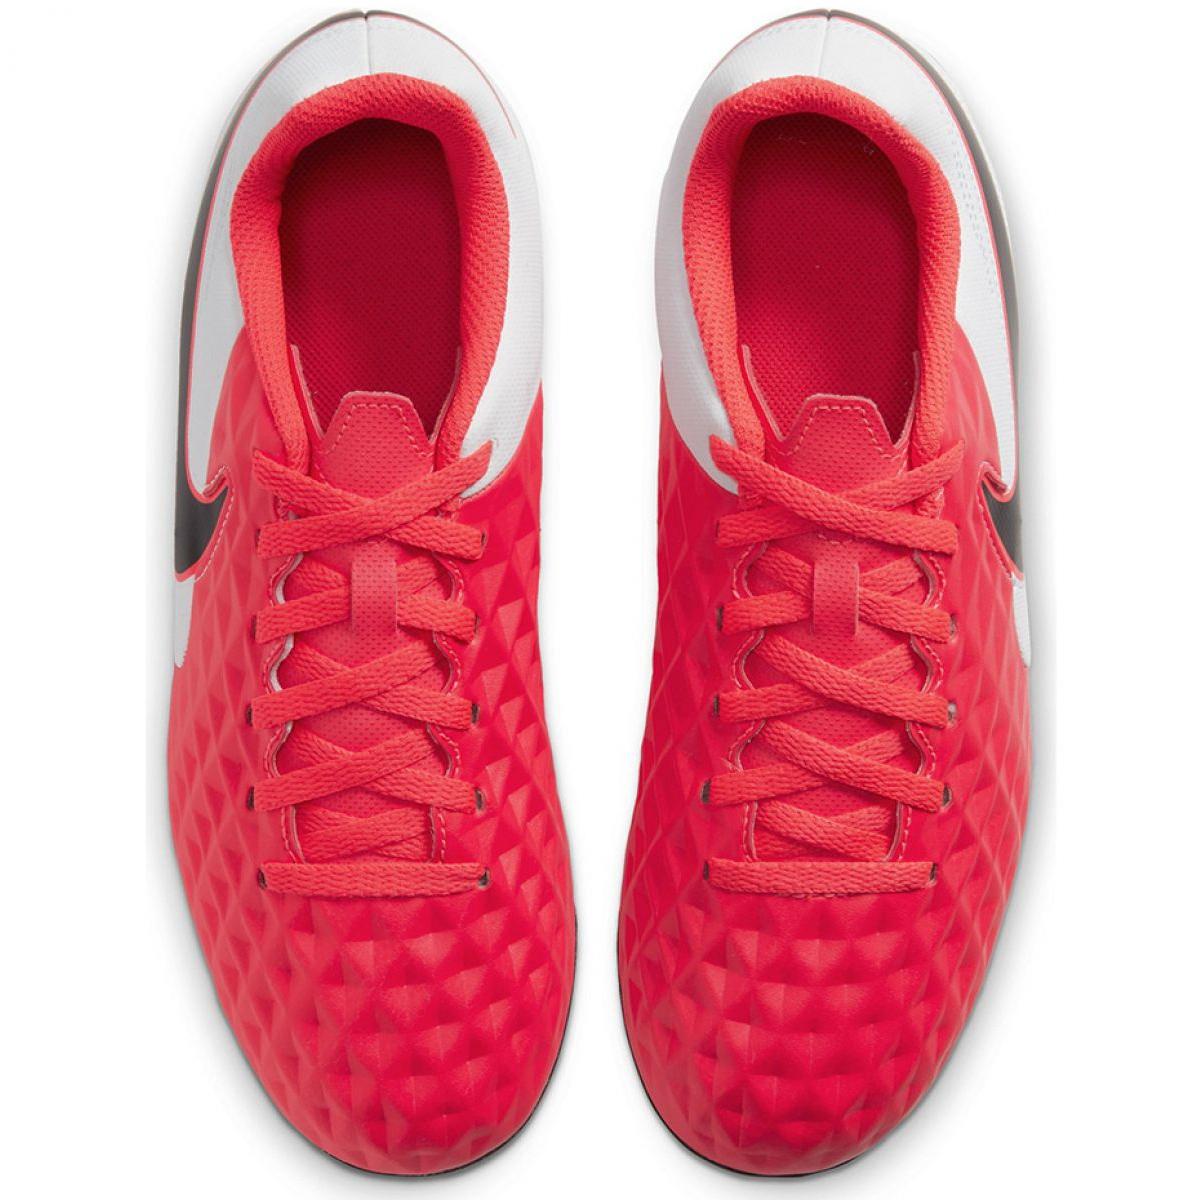 Buty Nike Legend 8 Pro AG Pro M AT6137 606 czerwone biały, czerwony